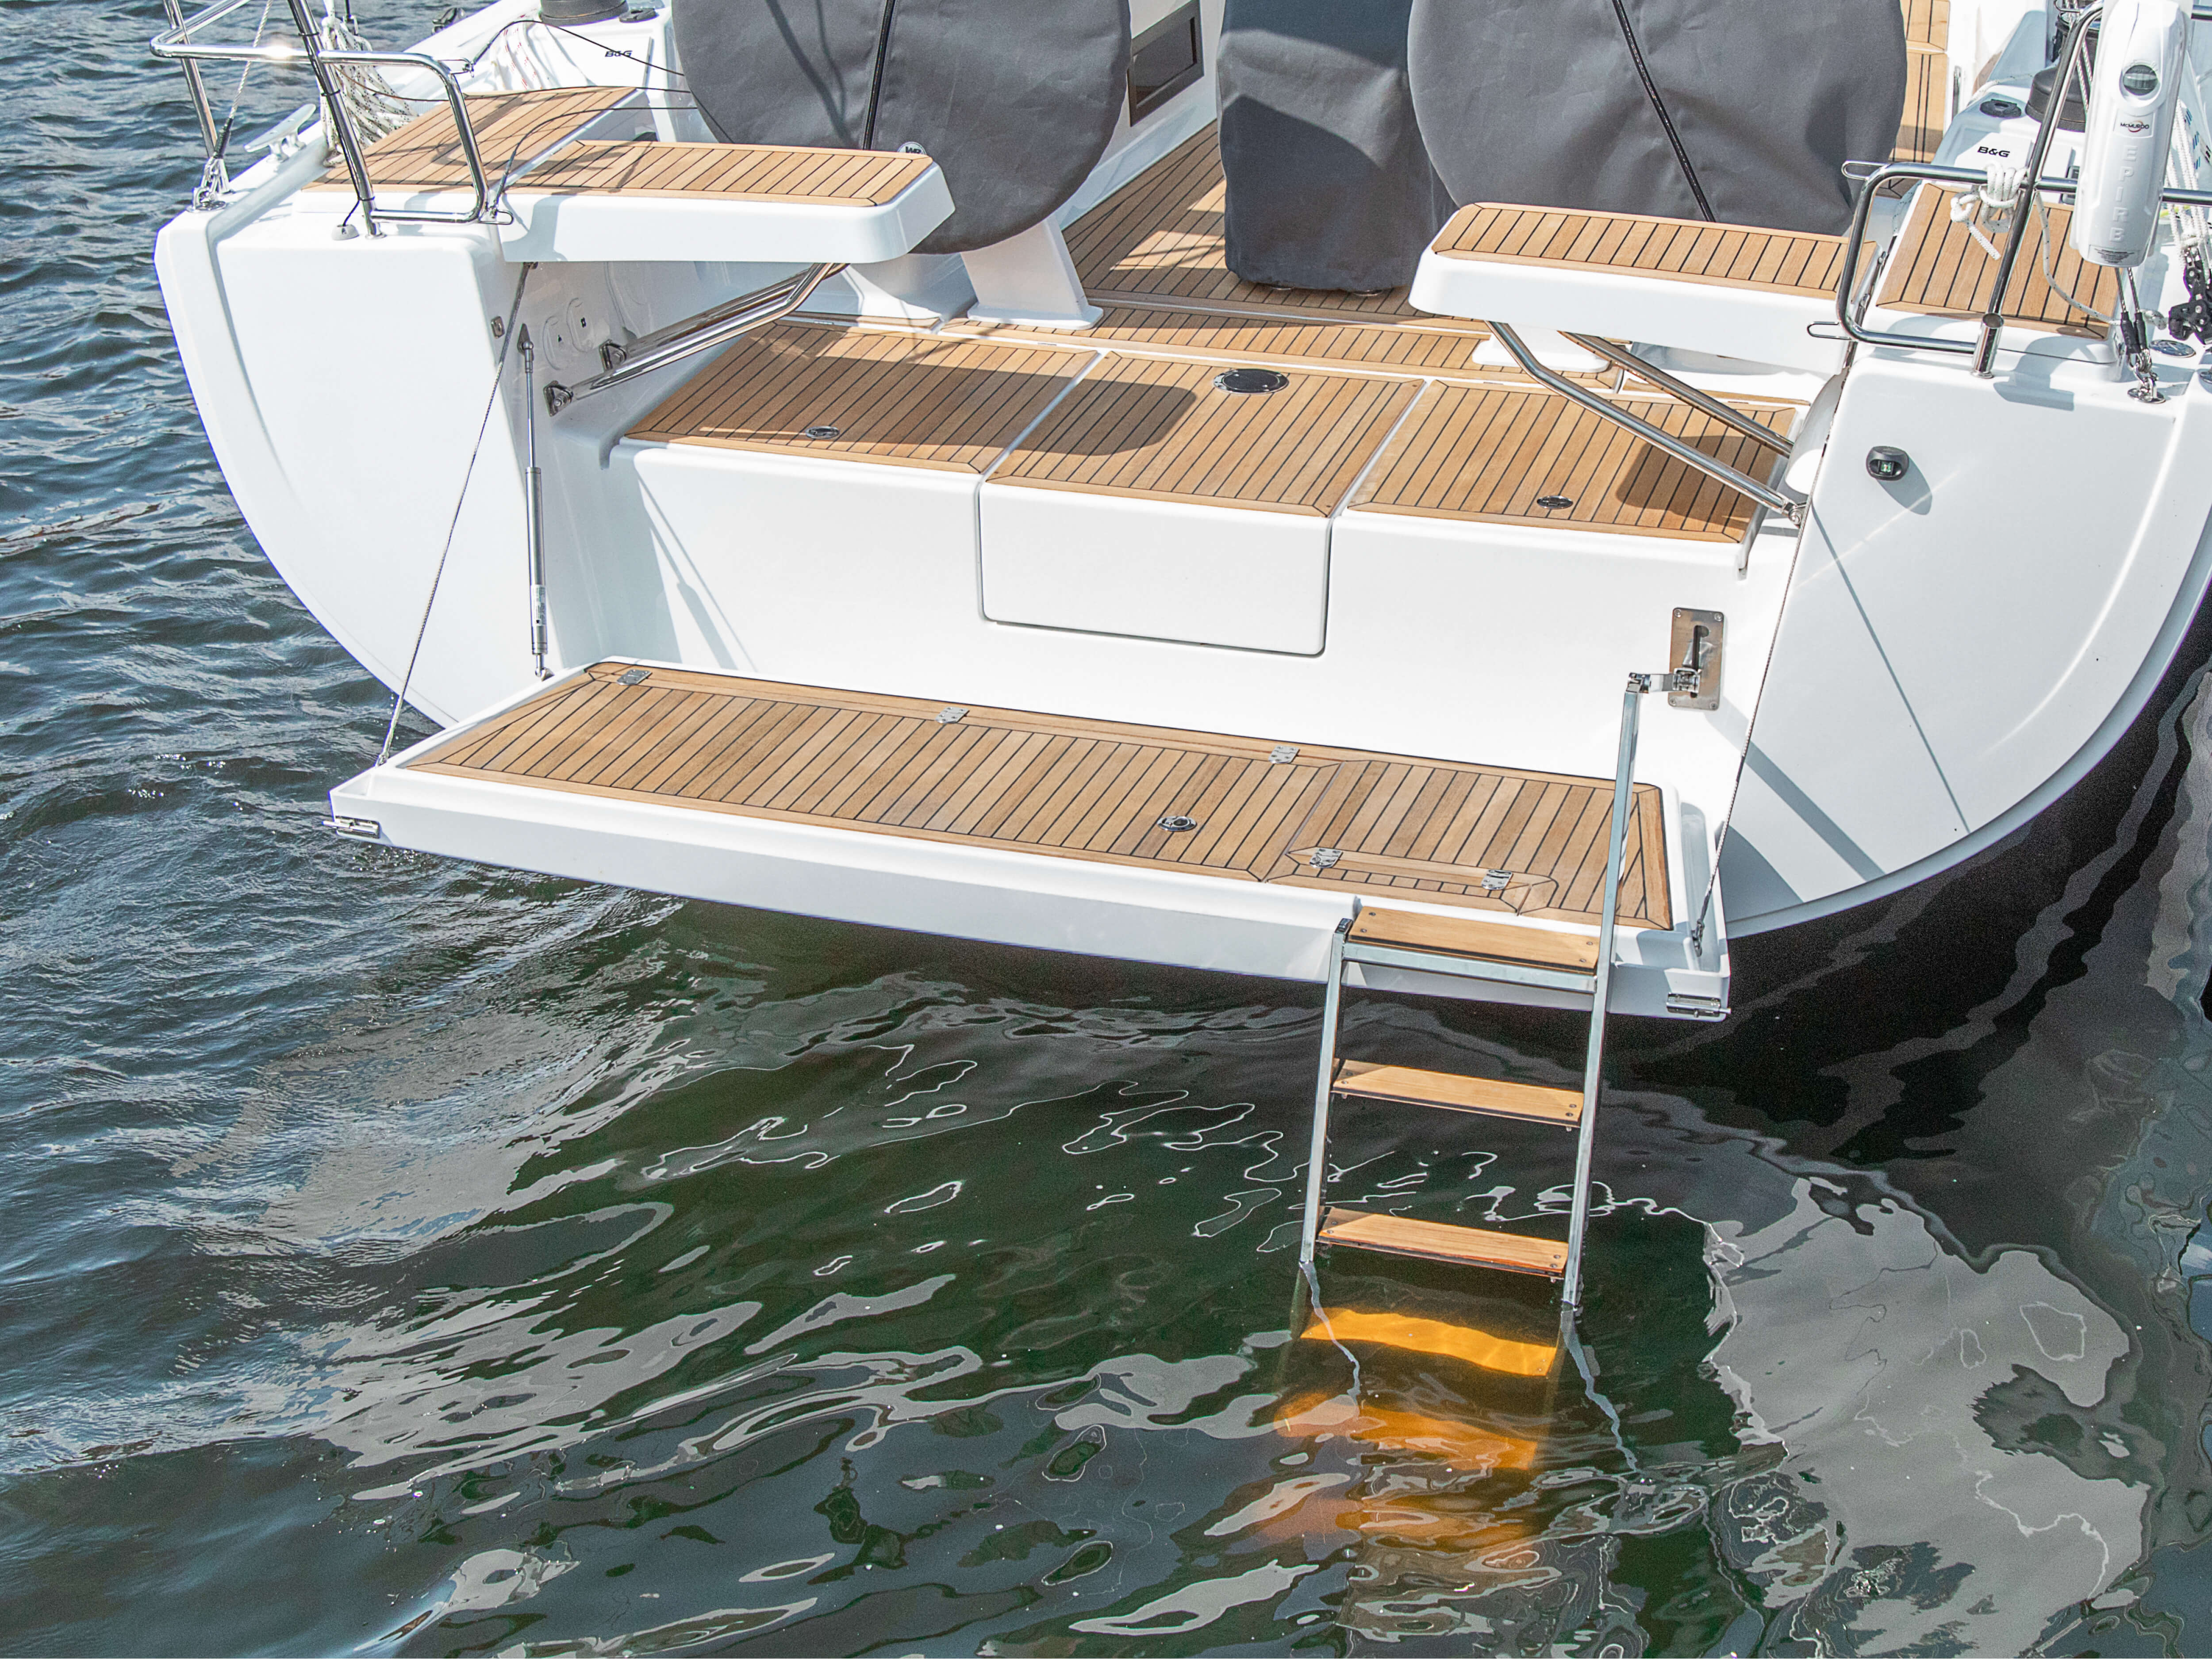 Hanse 418 | Les voiliers HANSE impressionnent par leur design moderne et fonctionnel. Judel/Vrolijk & co, le cabinet d'architecture naval le plus renommé, a conçu ces bateaux à l'élégance sans égal et aux performances exceptionnelles. | Hanse